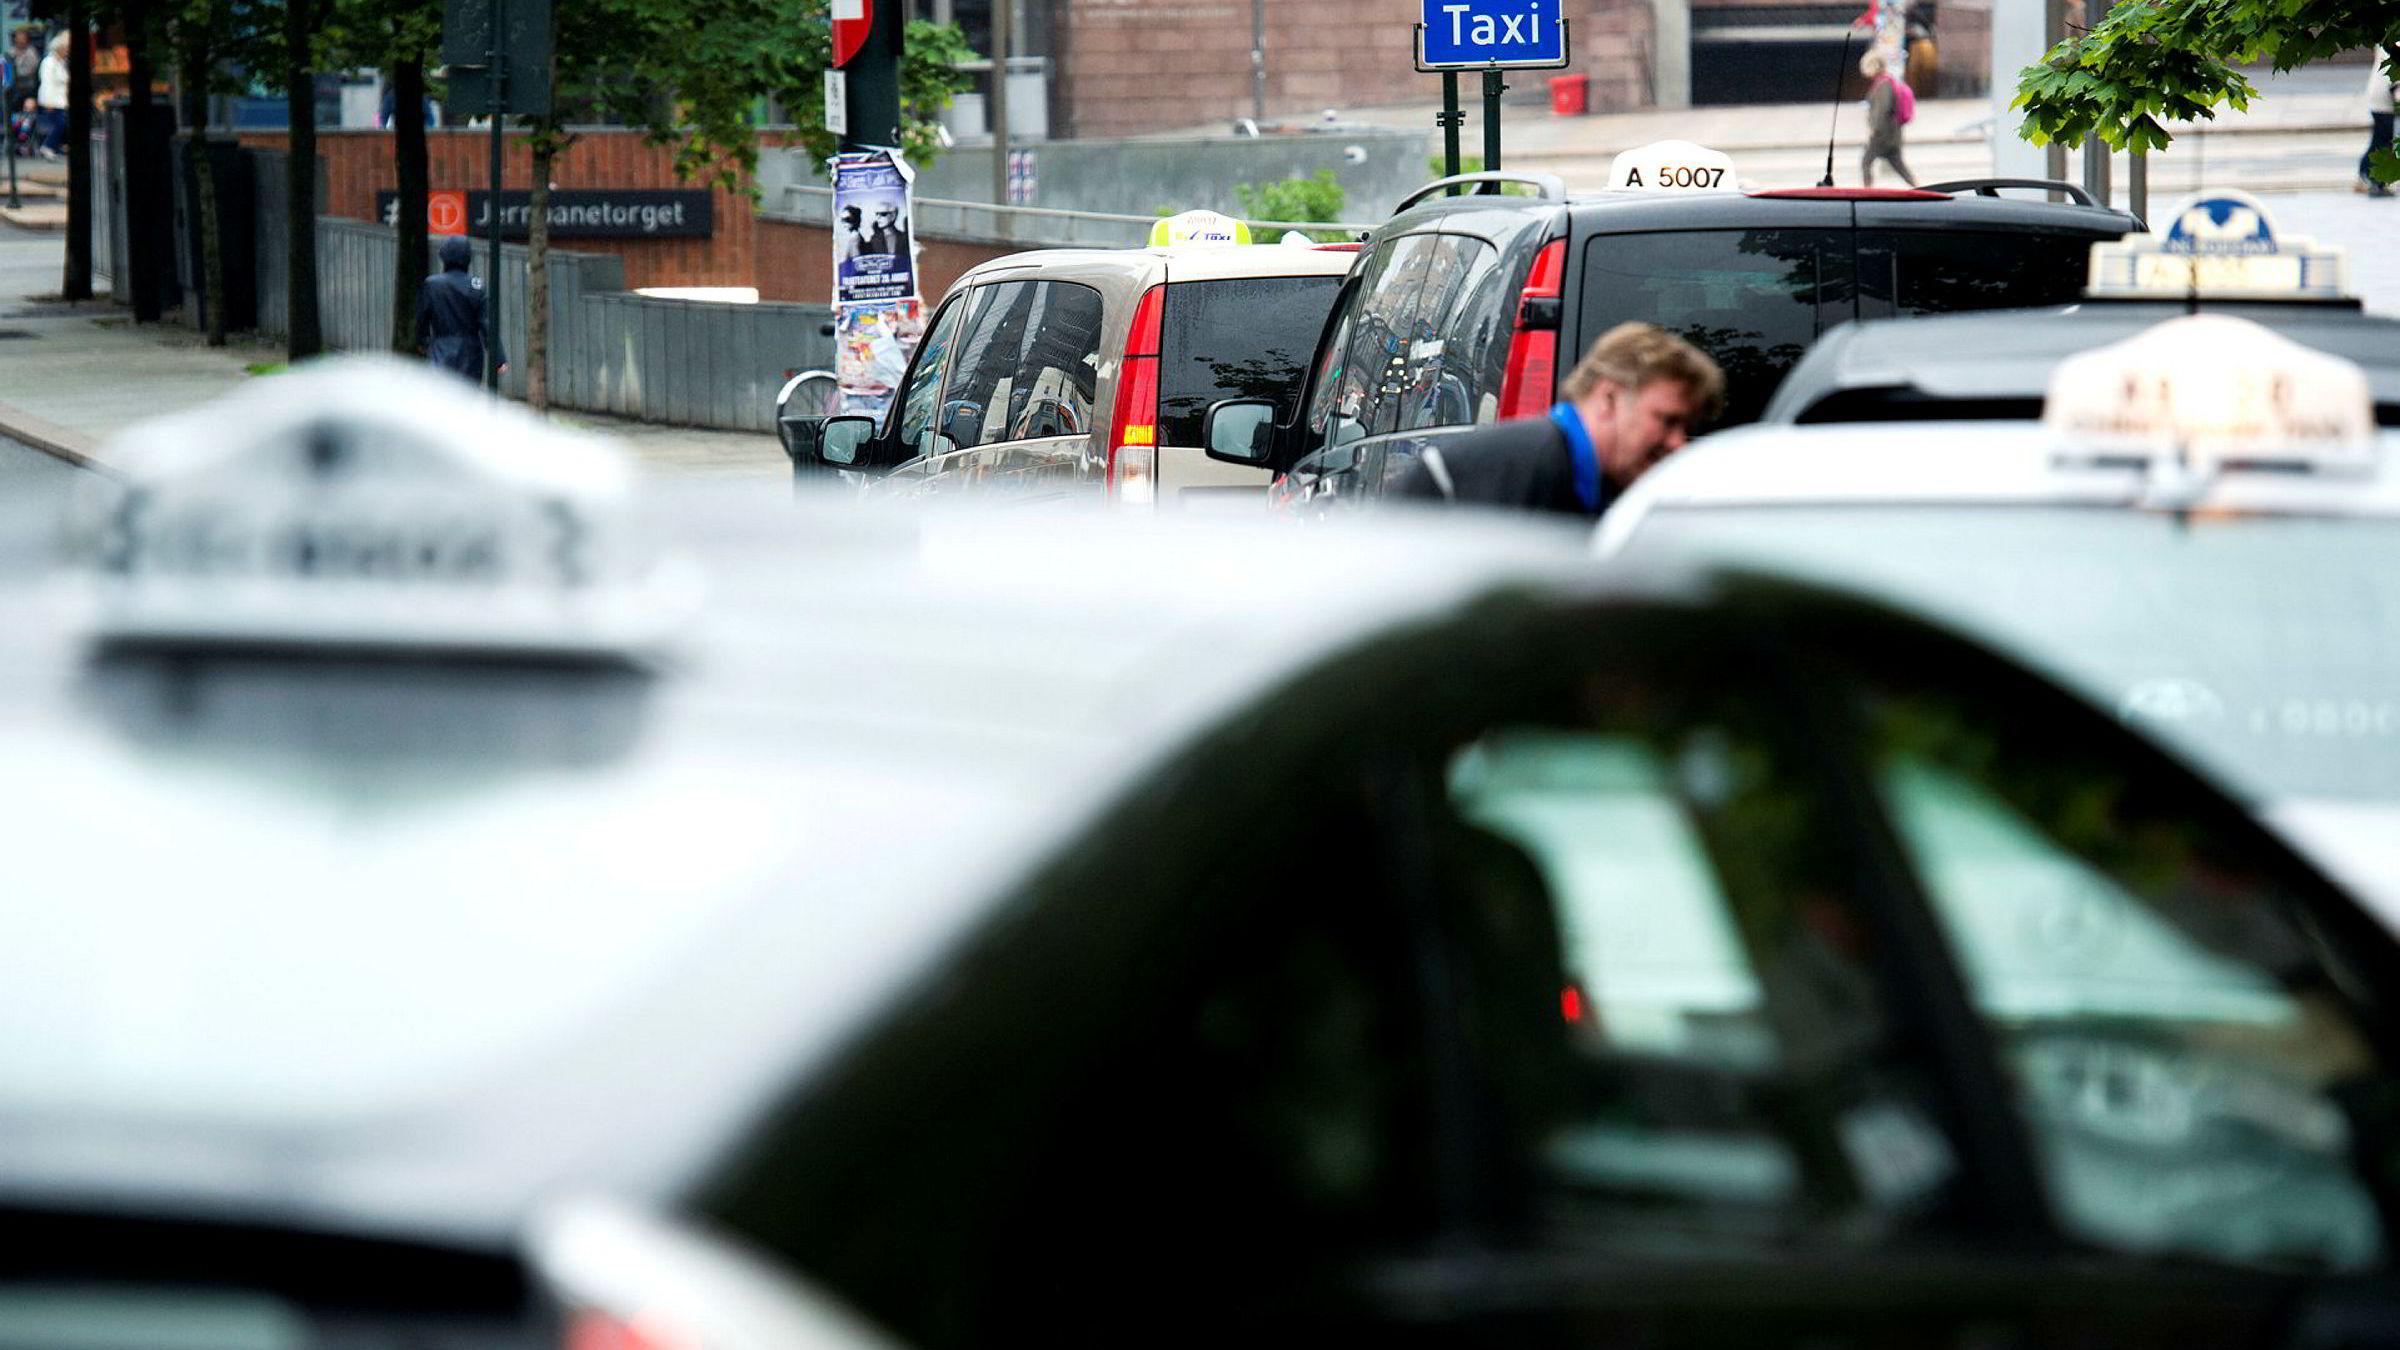 Etter 60 mil og 7,5 timer stakk mannen av fra drosjeregningen på 18.000 kroner.